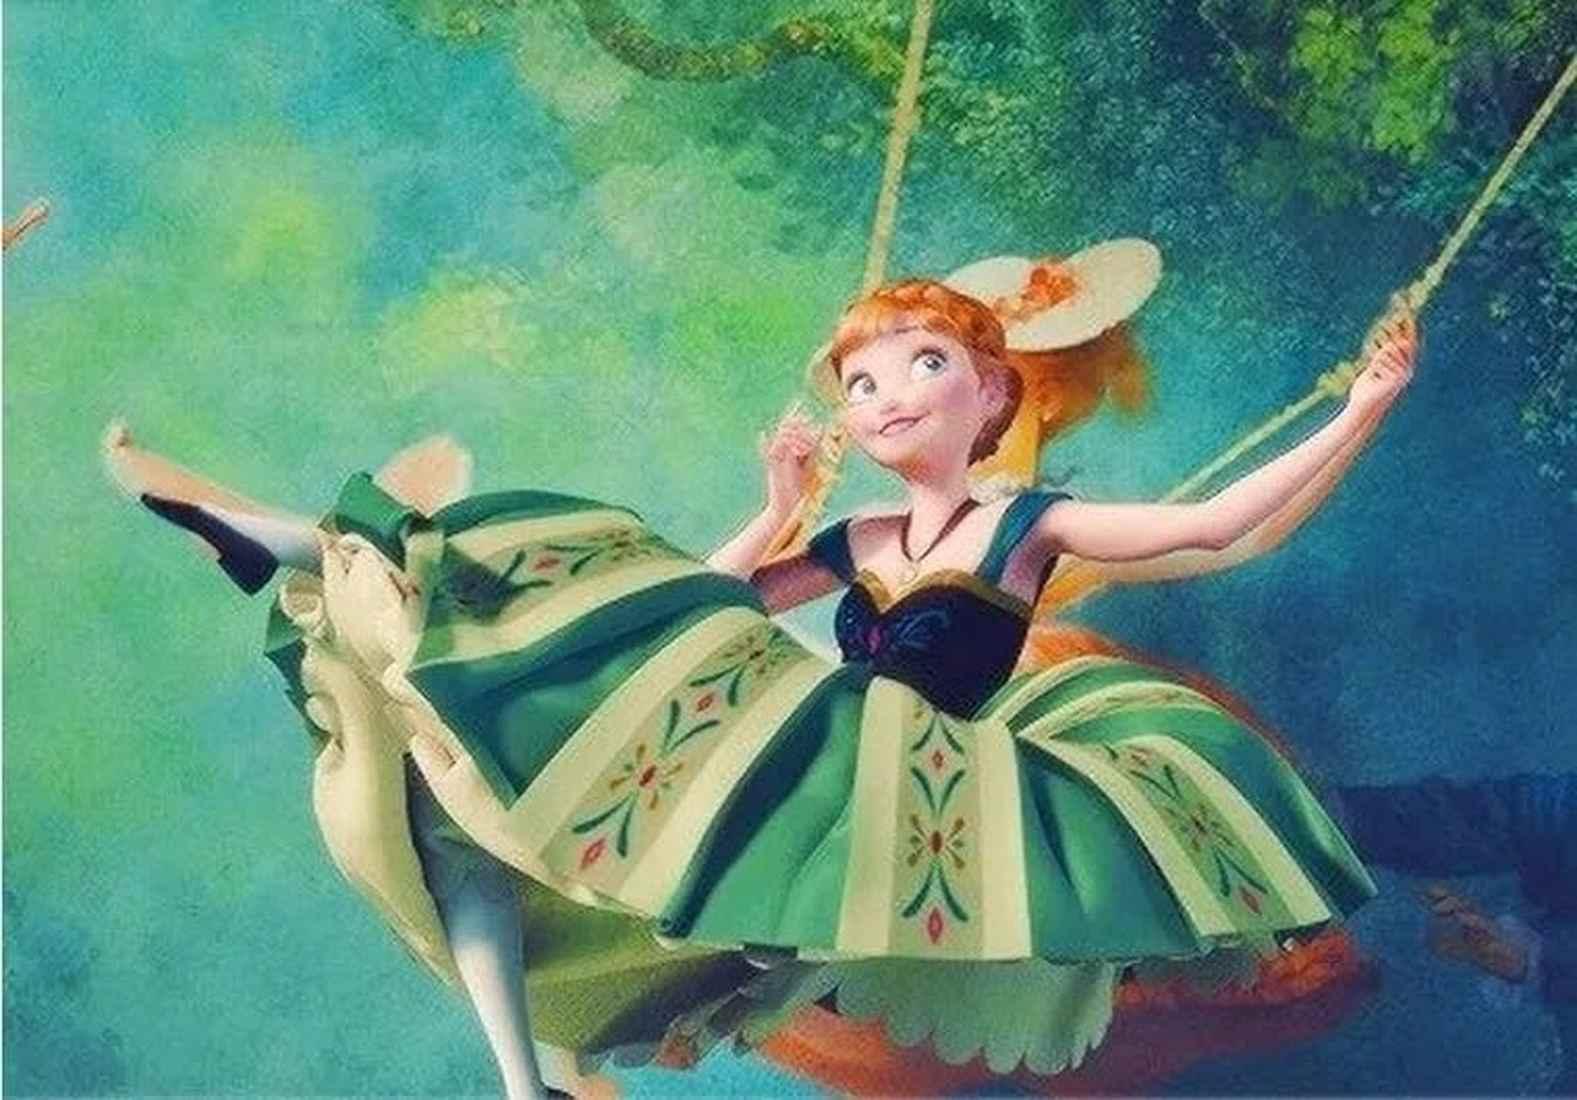 Fantasia da elsa & anna para festas, traje de festa de branca de neve, de elsa & anna, aniversário, vestido de carnaval, para adultos e meninas, cinderela, princesa, branca de neve